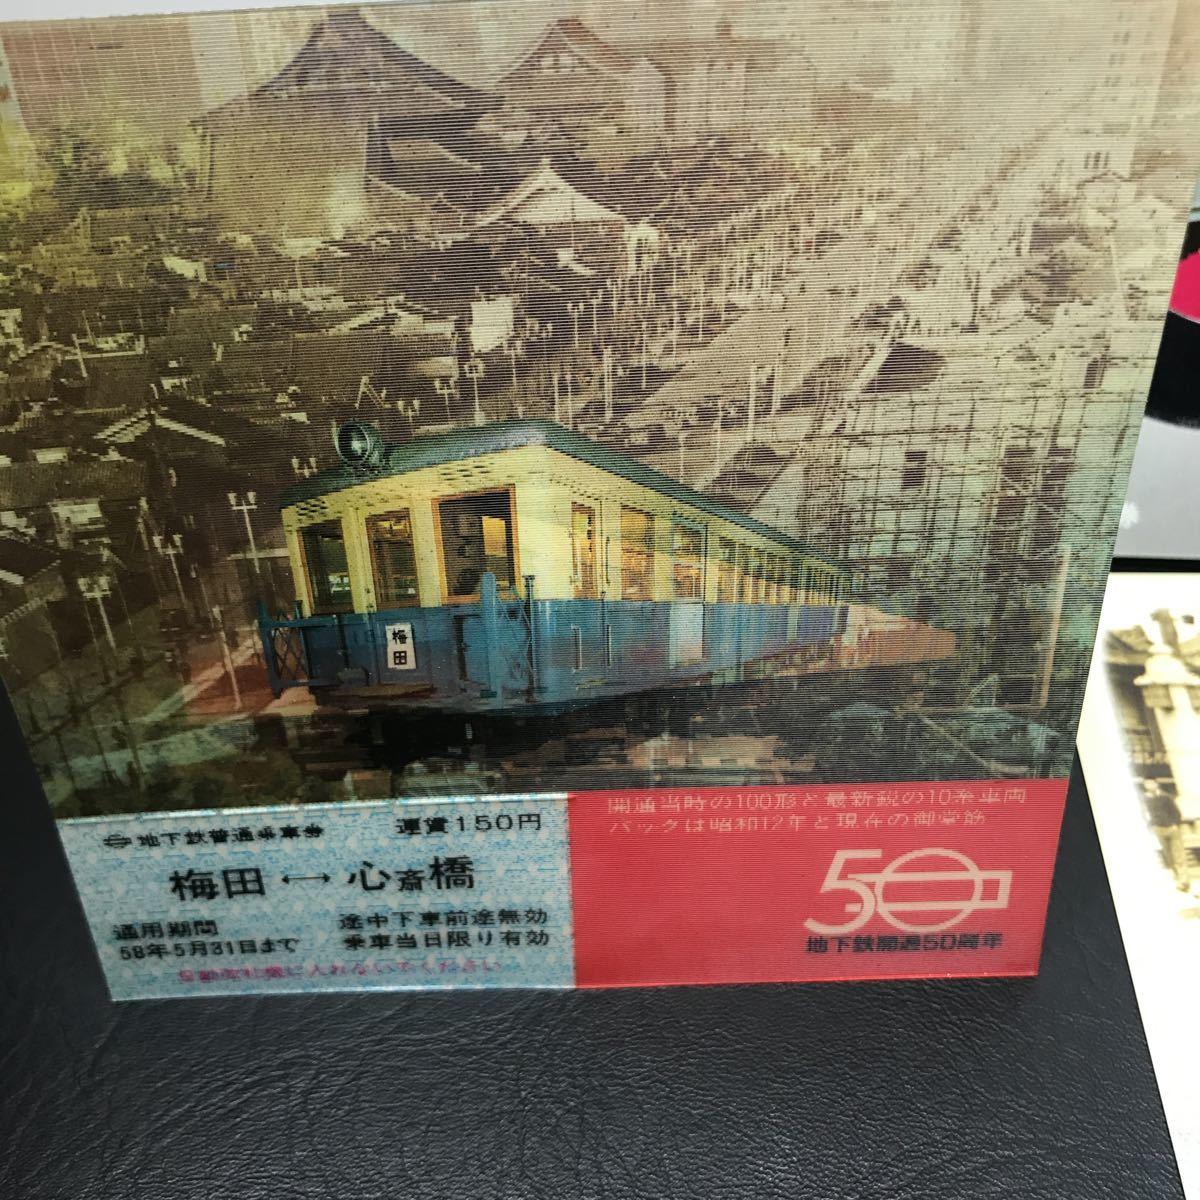 1111 大阪市交通局 地下鉄開通50周年記念乗車券 昭和58年 4枚 当時物 コレクション 鉄道資料_画像6